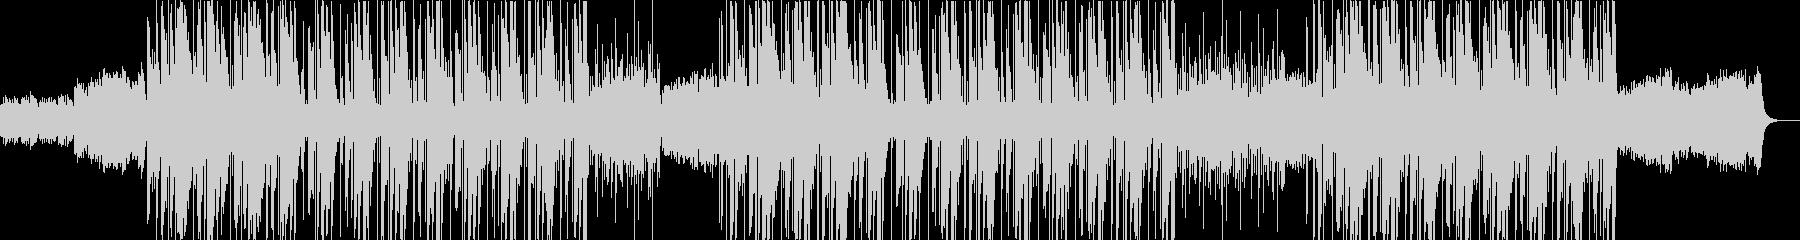 フルートが印象的な洋楽トラップビートの未再生の波形